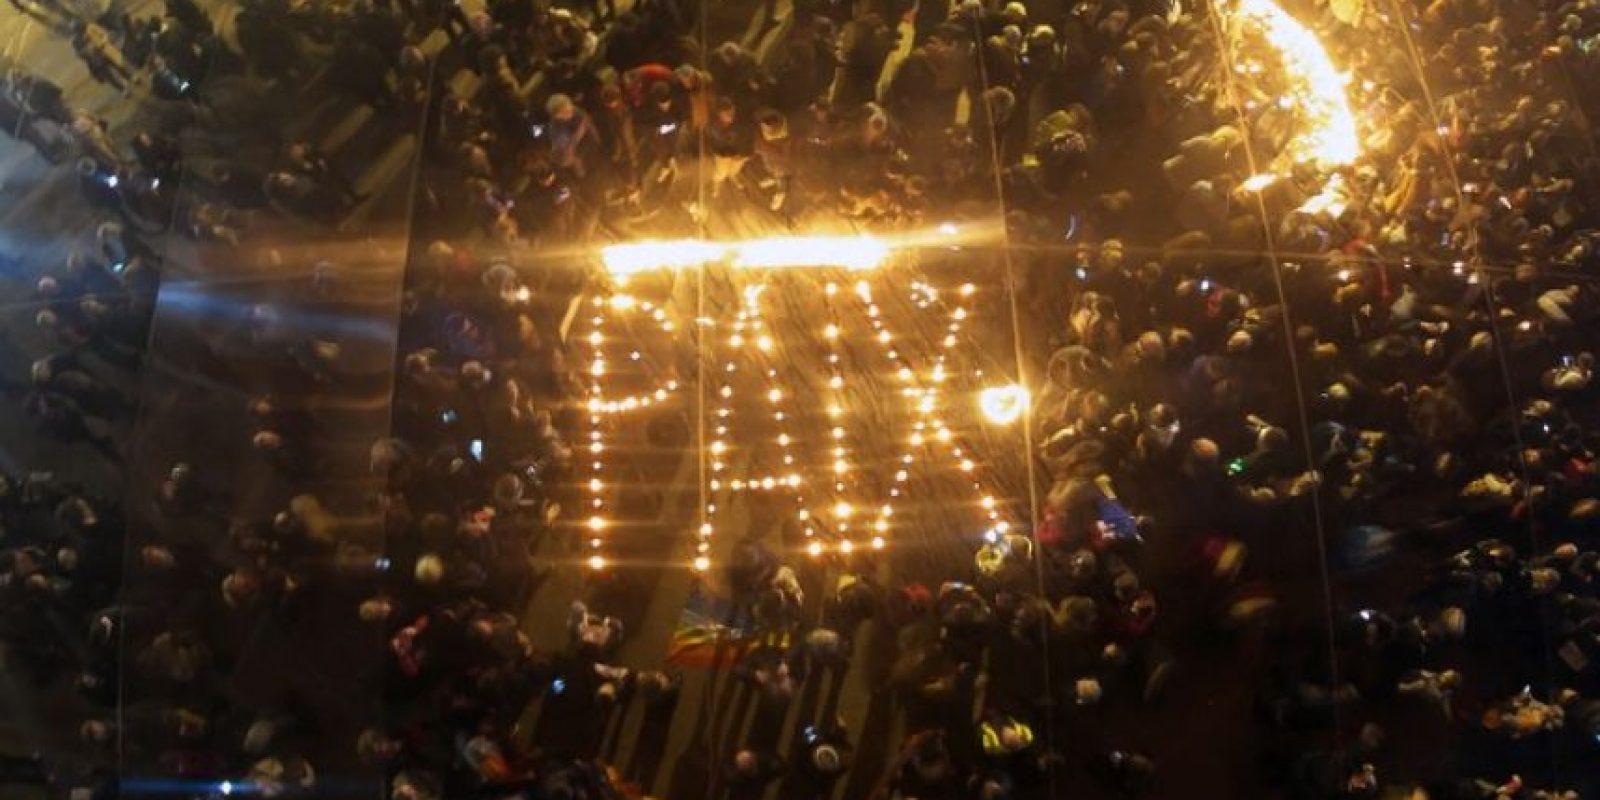 Cuando las autoridades lleguen, mantenga las manos siempre a la vista Foto:AFP